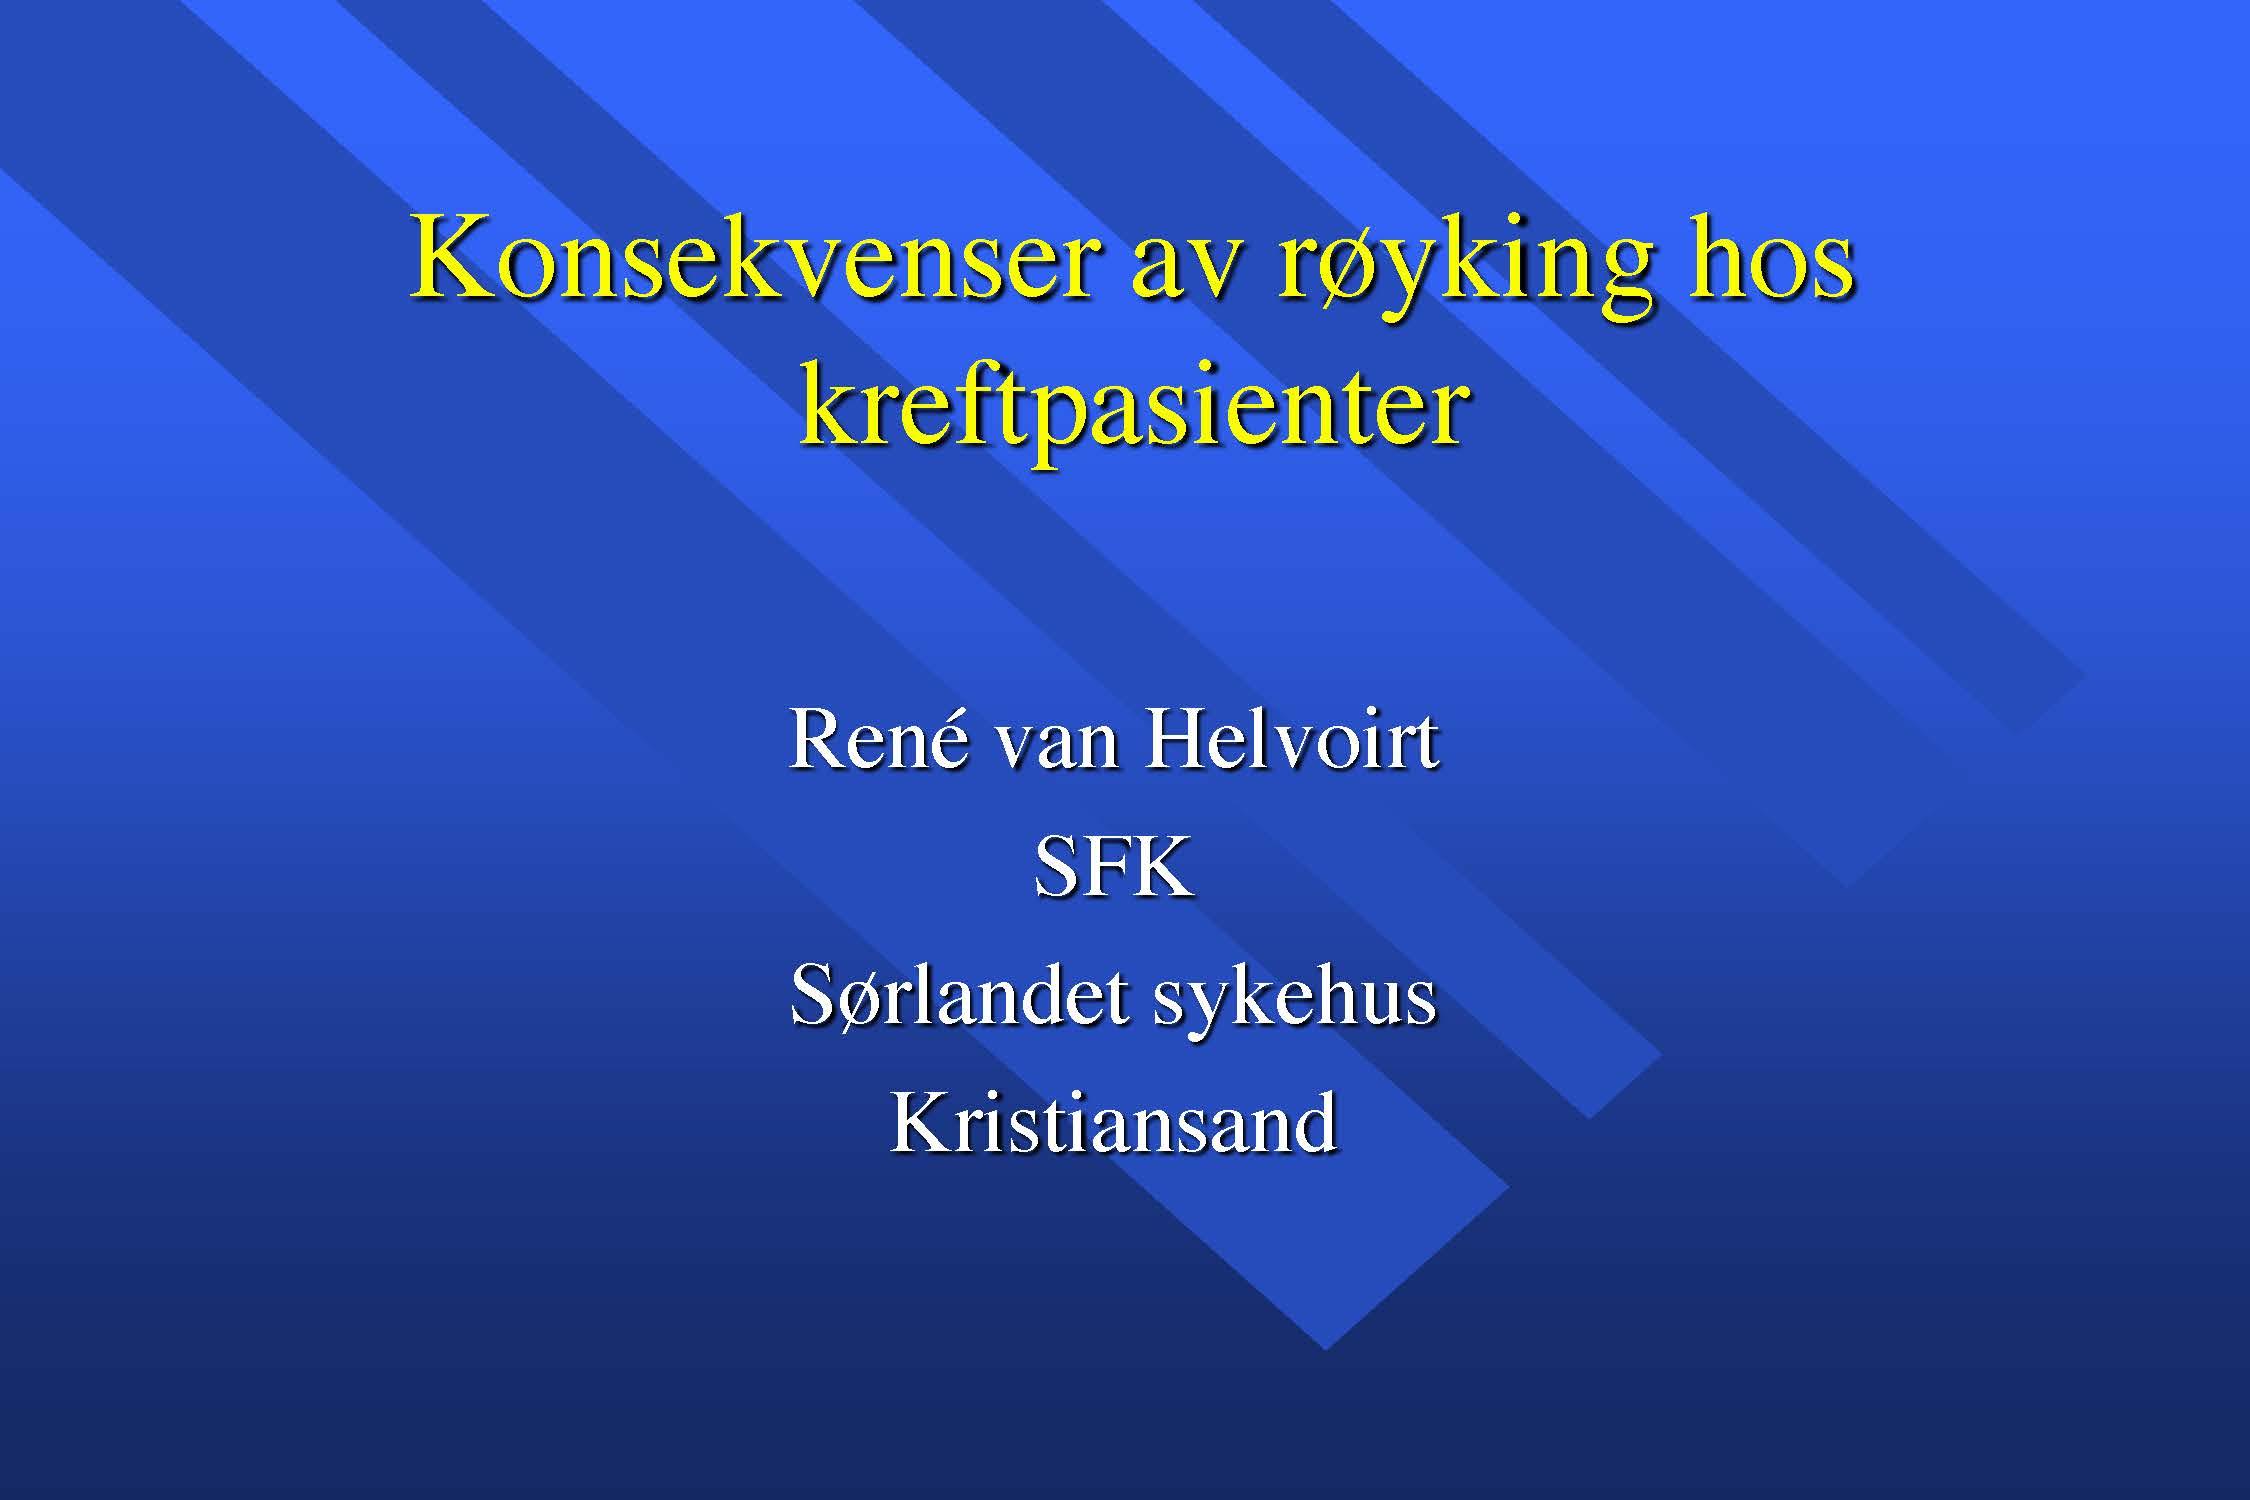 5.Konsekvenser av fortsatt røyking under og etter kreftbehandling, René van Helvoirt